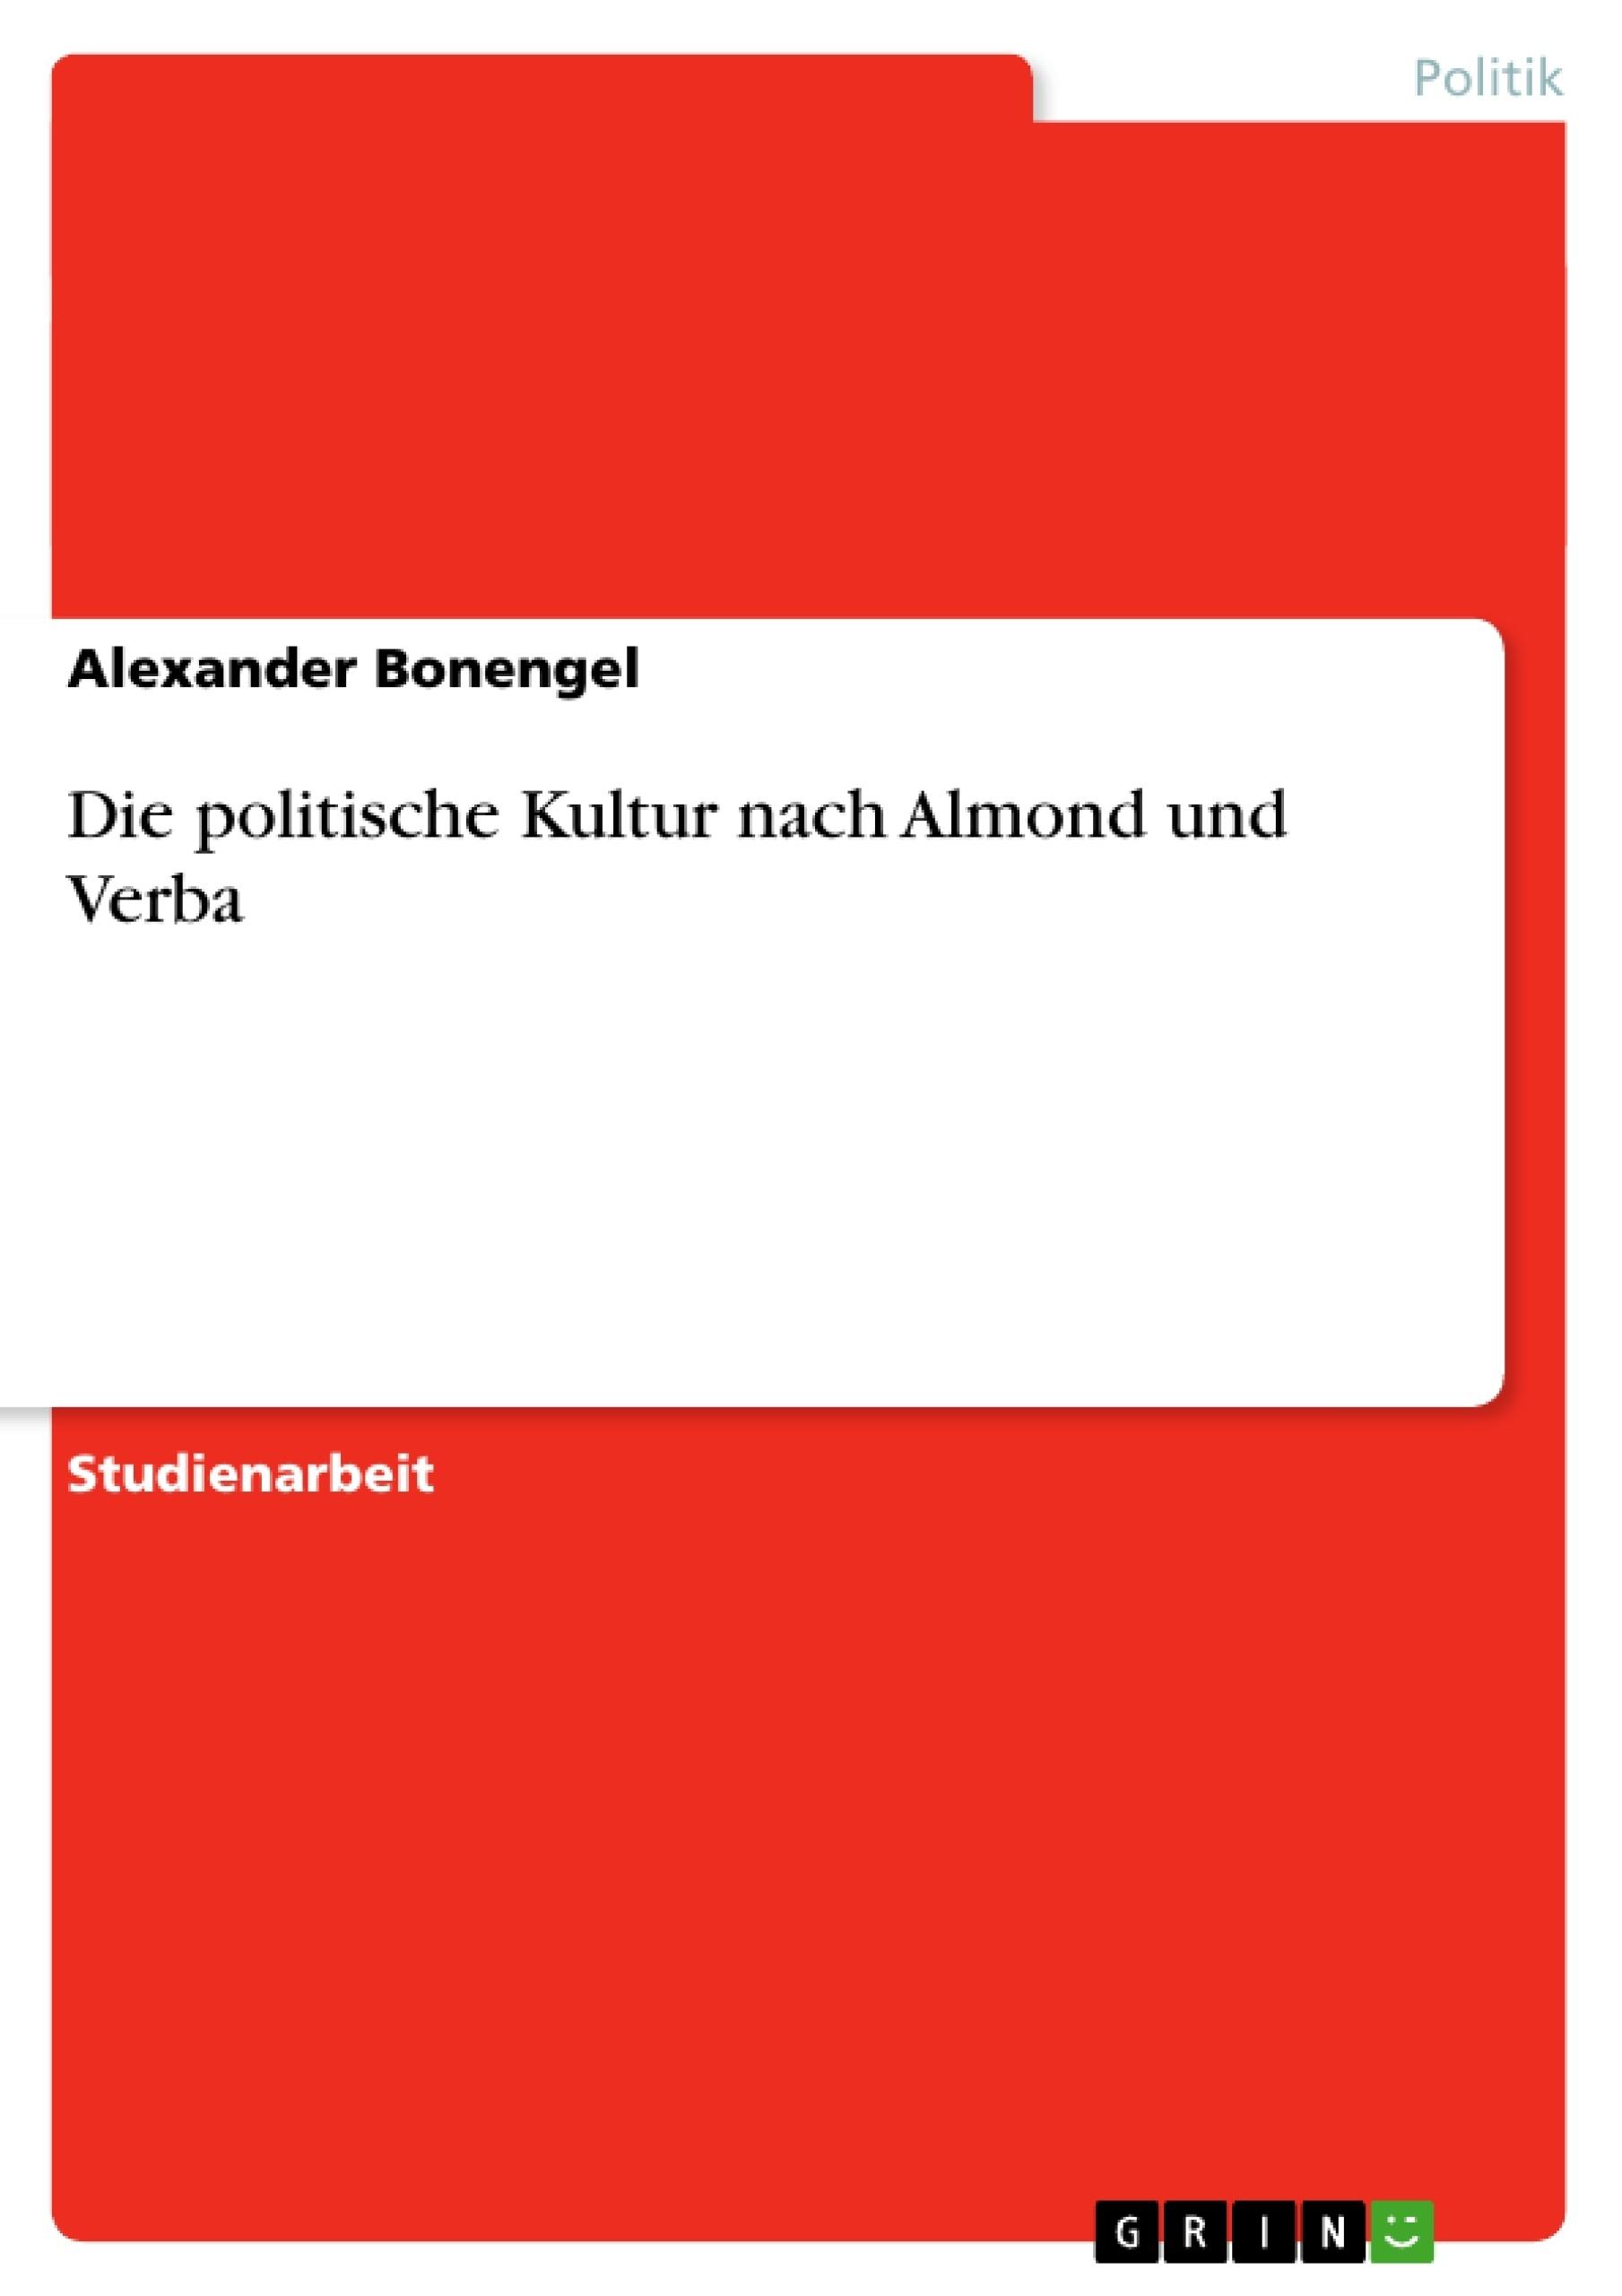 Titel: Die politische Kultur nach Almond und Verba